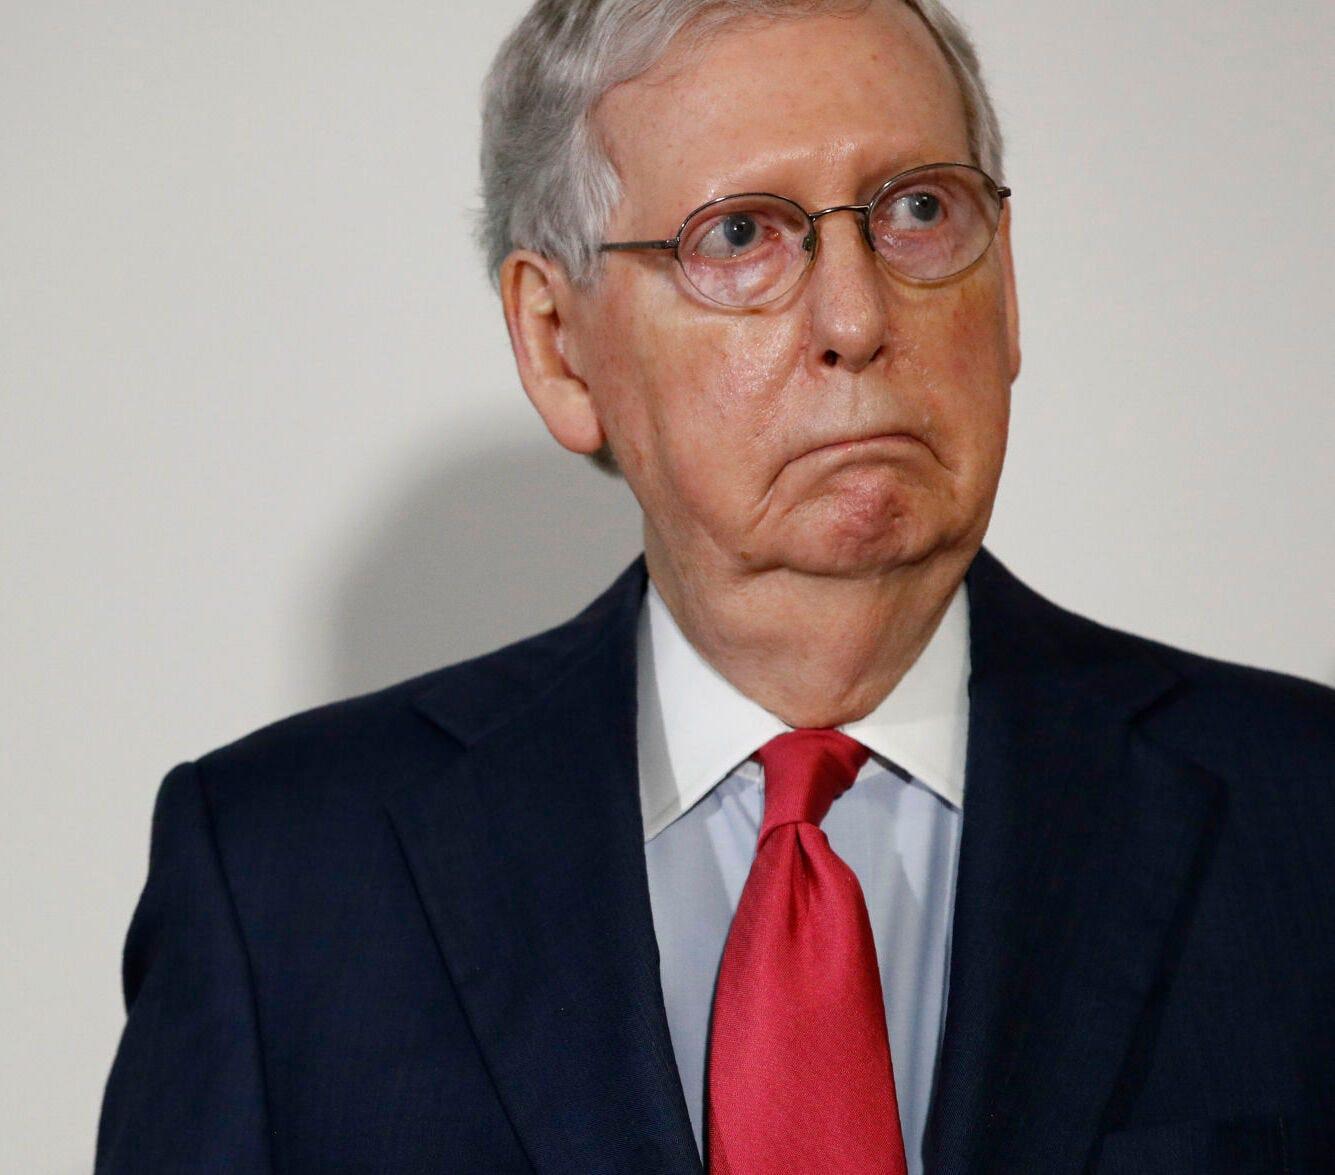 Should Congress scale back unemployment benefits?